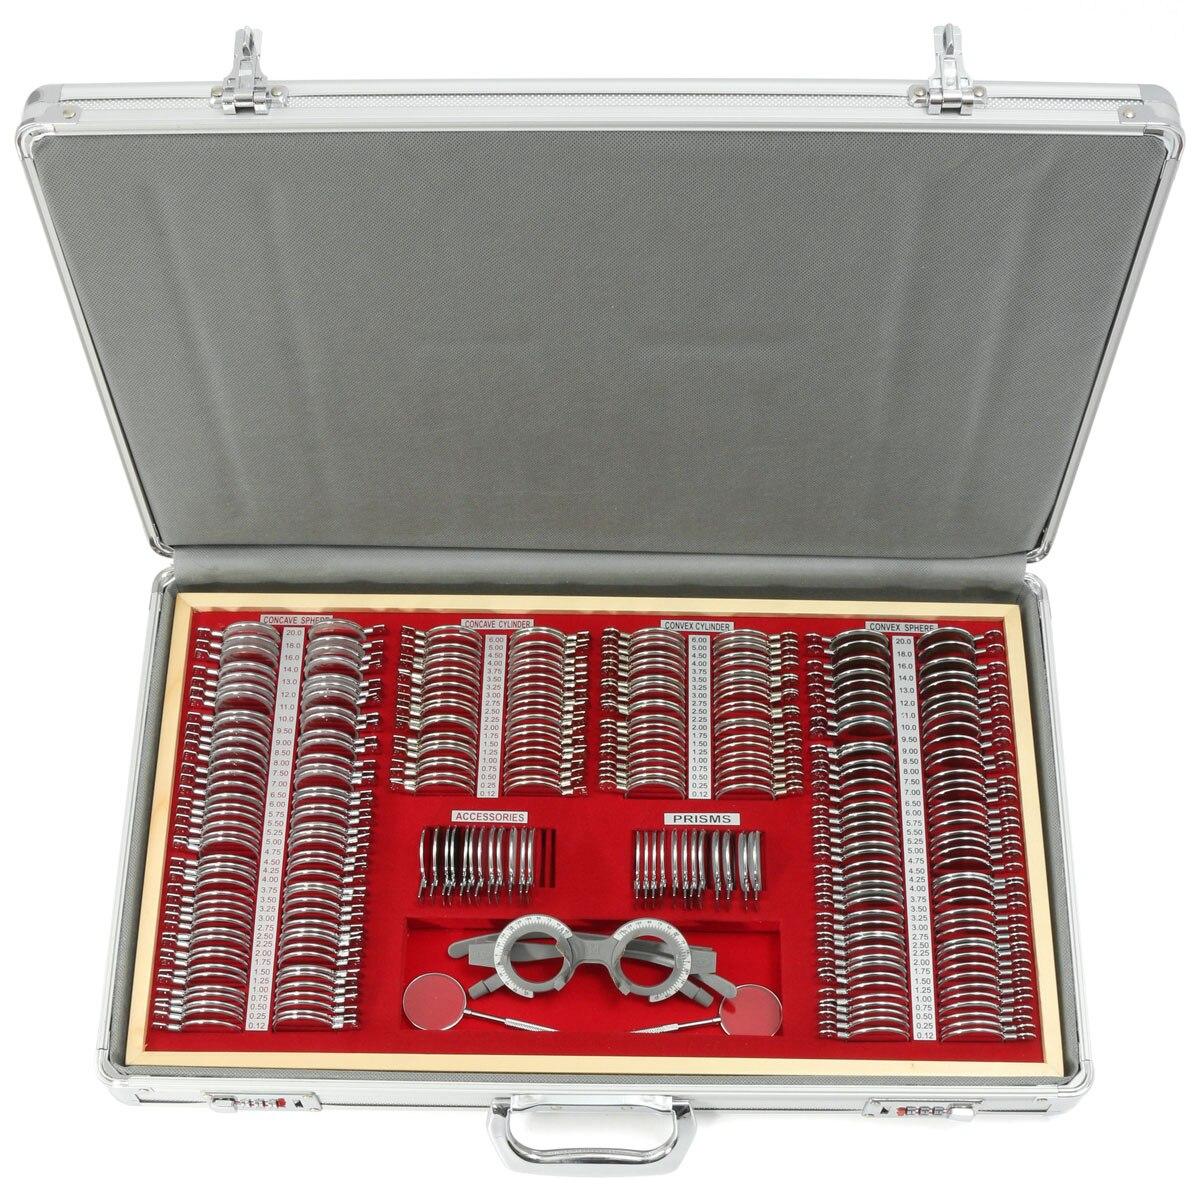 ZEAST 104/266 pcs Lentille Optique lentille d'essai Test Oculaire D'optométrie lentille d'essai jante En Métal boîtier En Aluminium